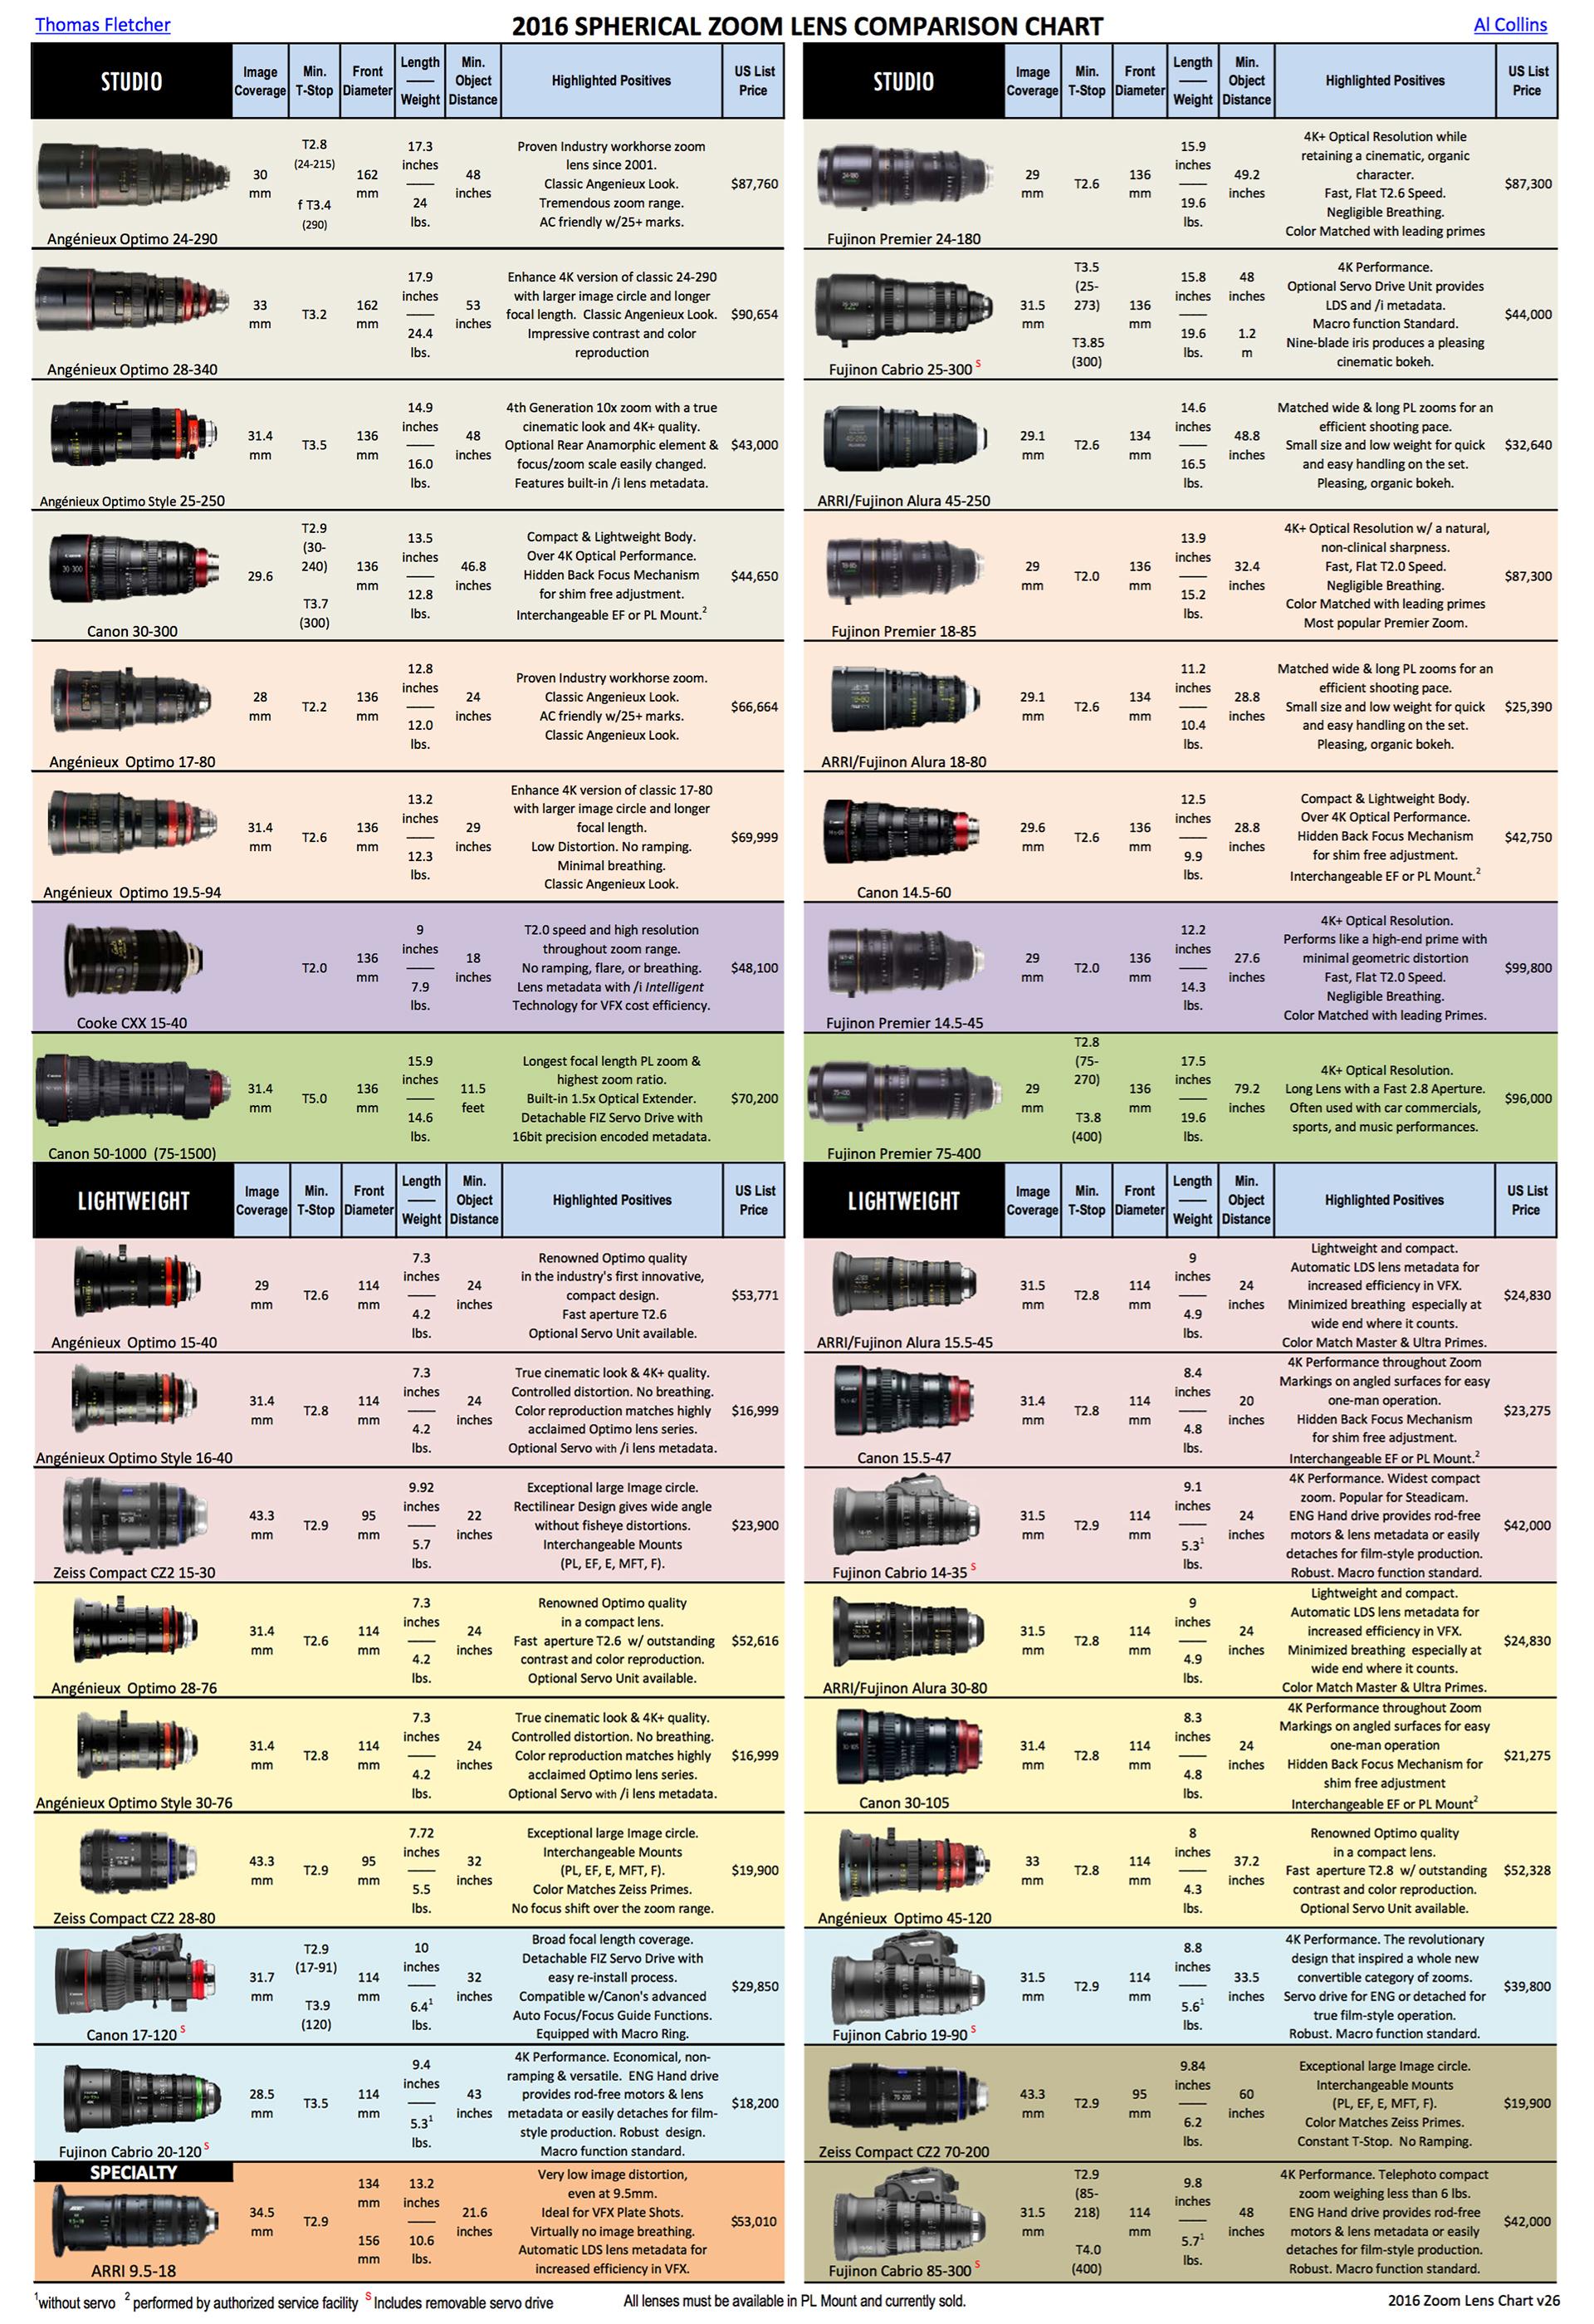 lens comaprison chart